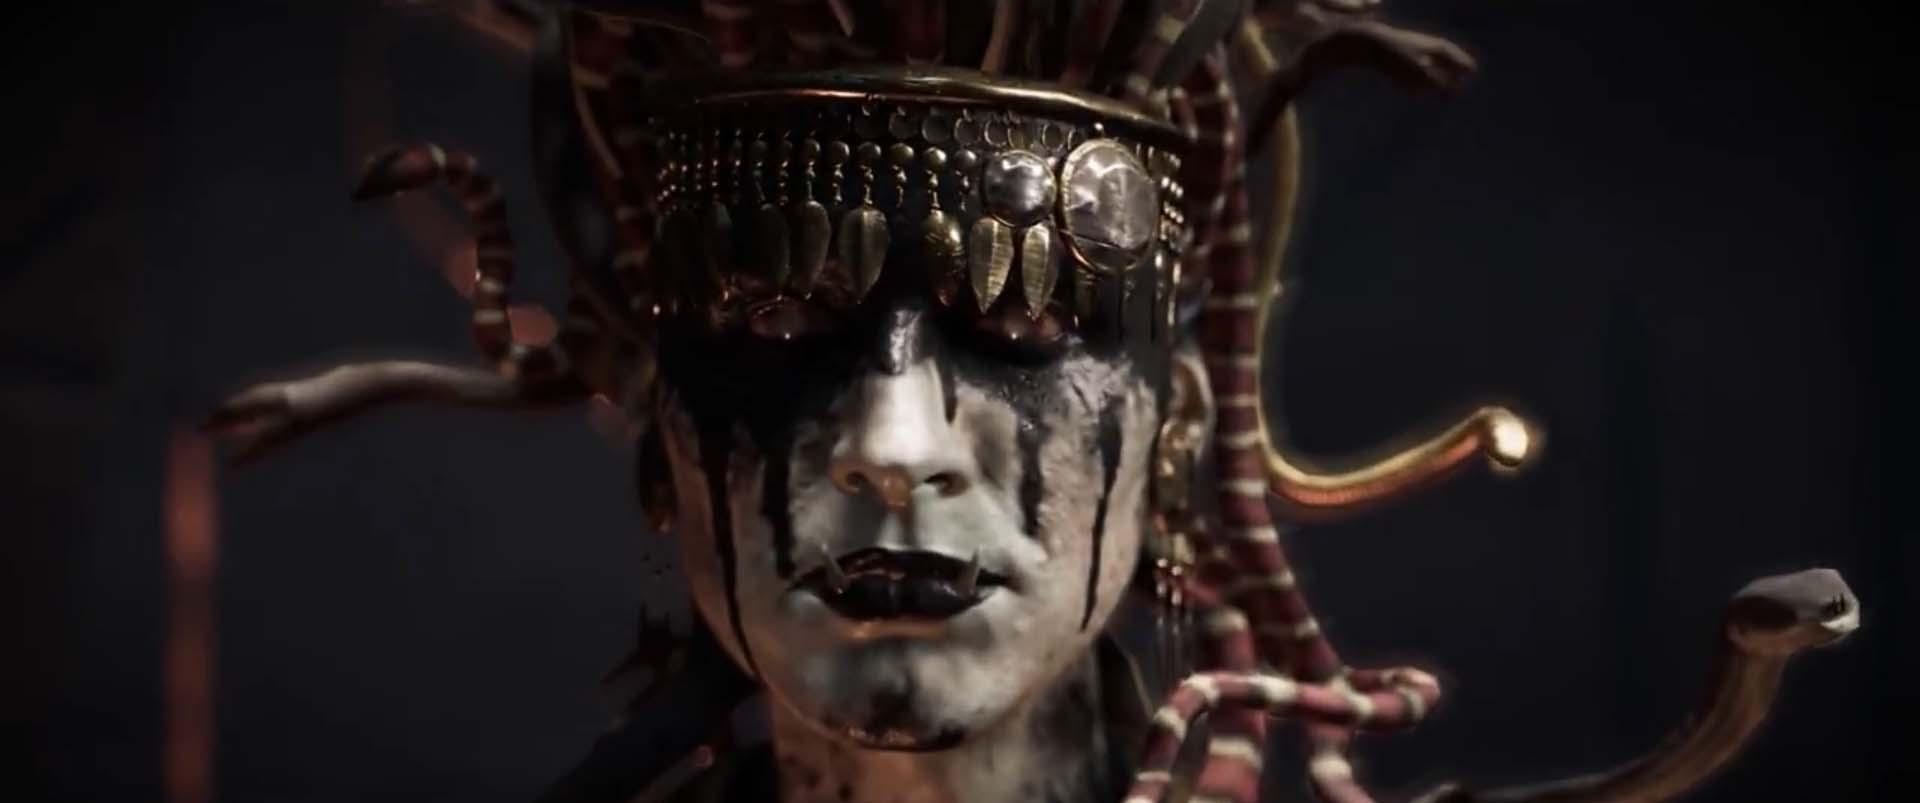 E3-2018-Ubisoft-Assassins-Creed-Odyssey-25